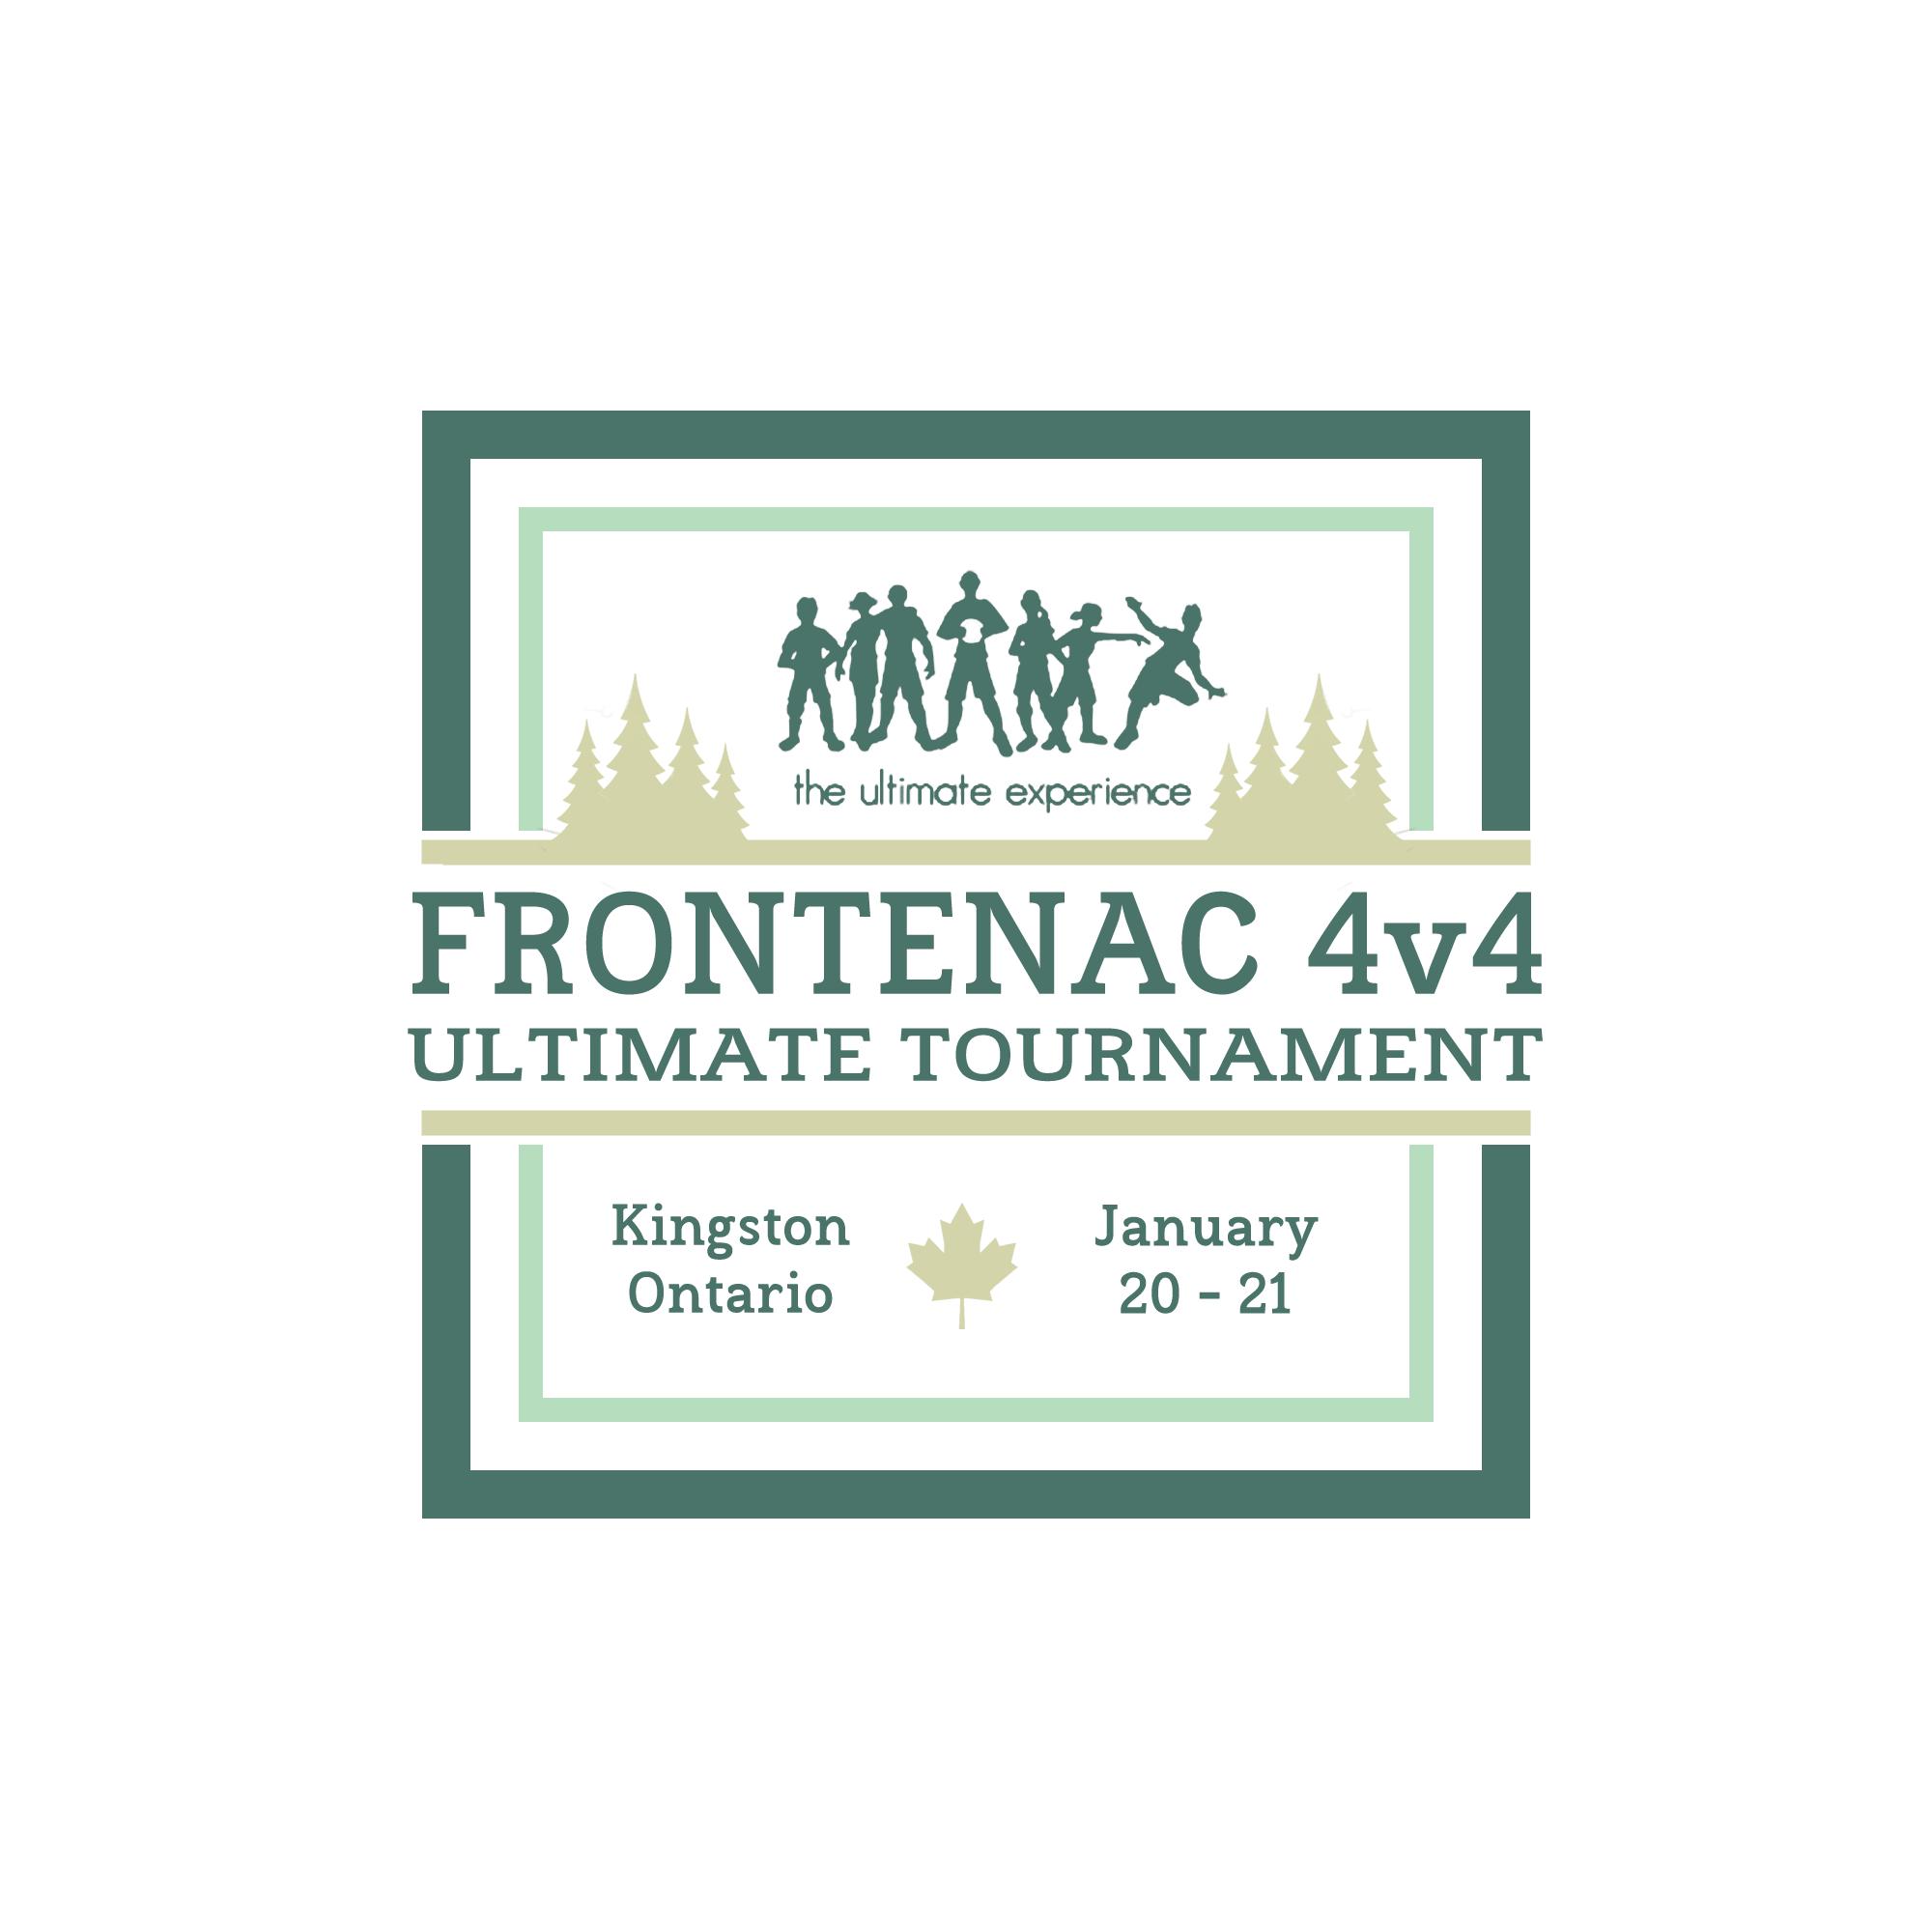 Frontenac 4v4 logo